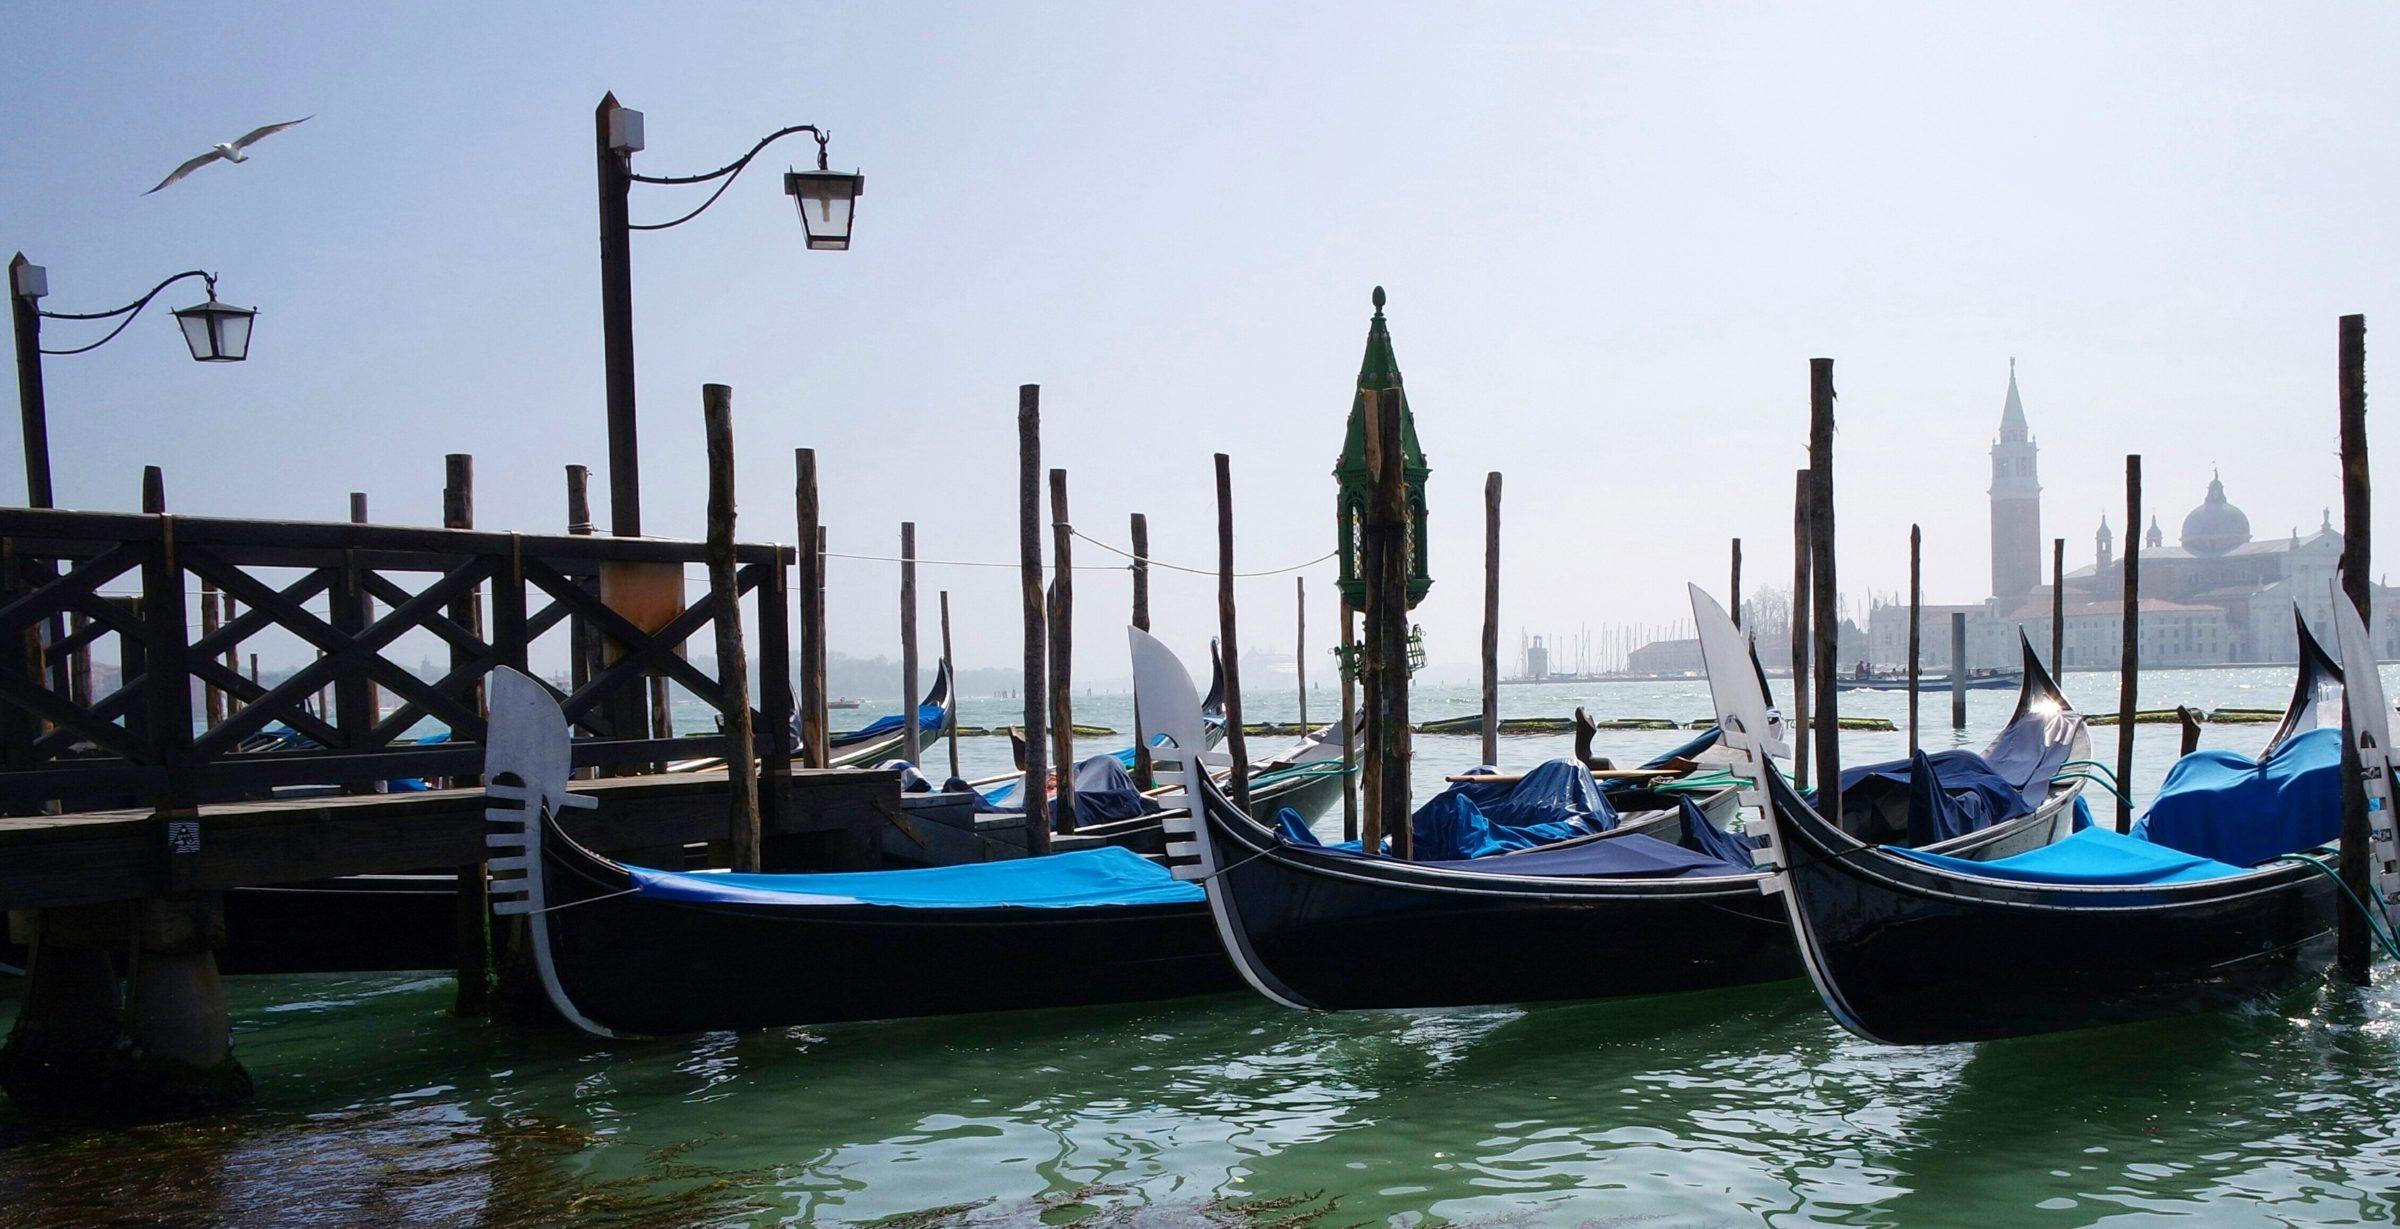 Barcos atracados no grande canal em Veneza